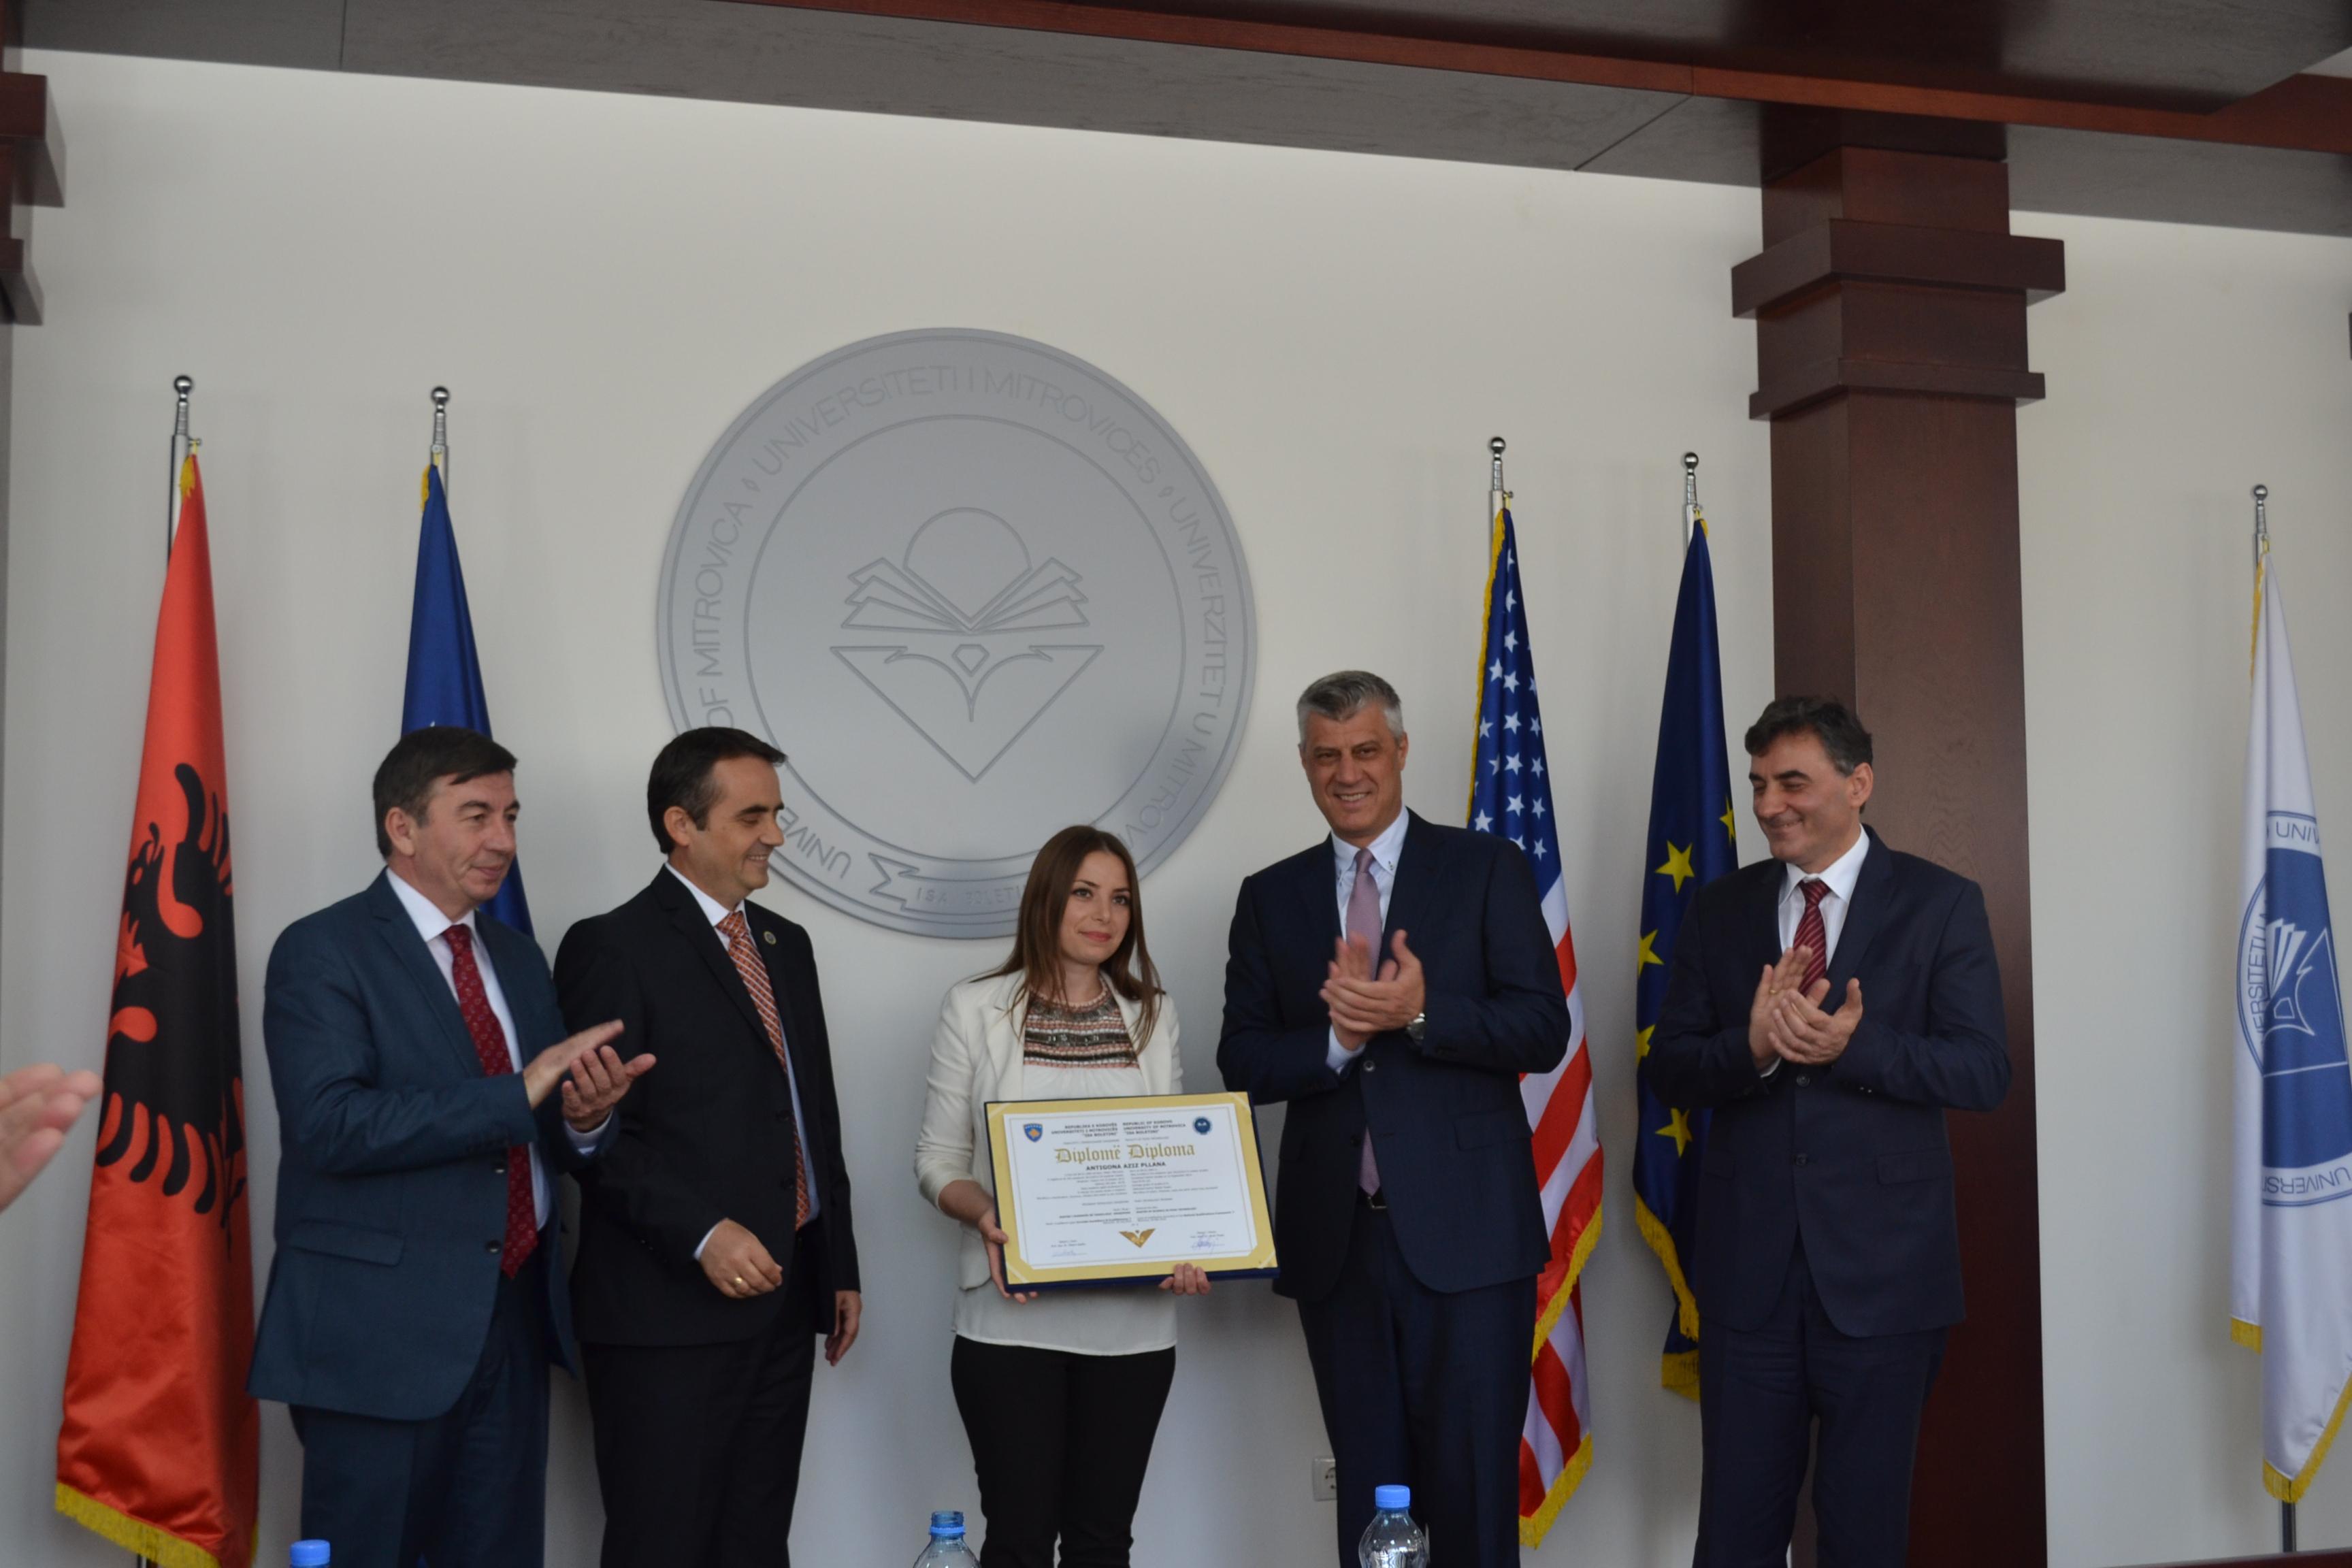 Presidenti Thaçi, Ndan Diplomën E Parë Në UMIB (maj 2016)